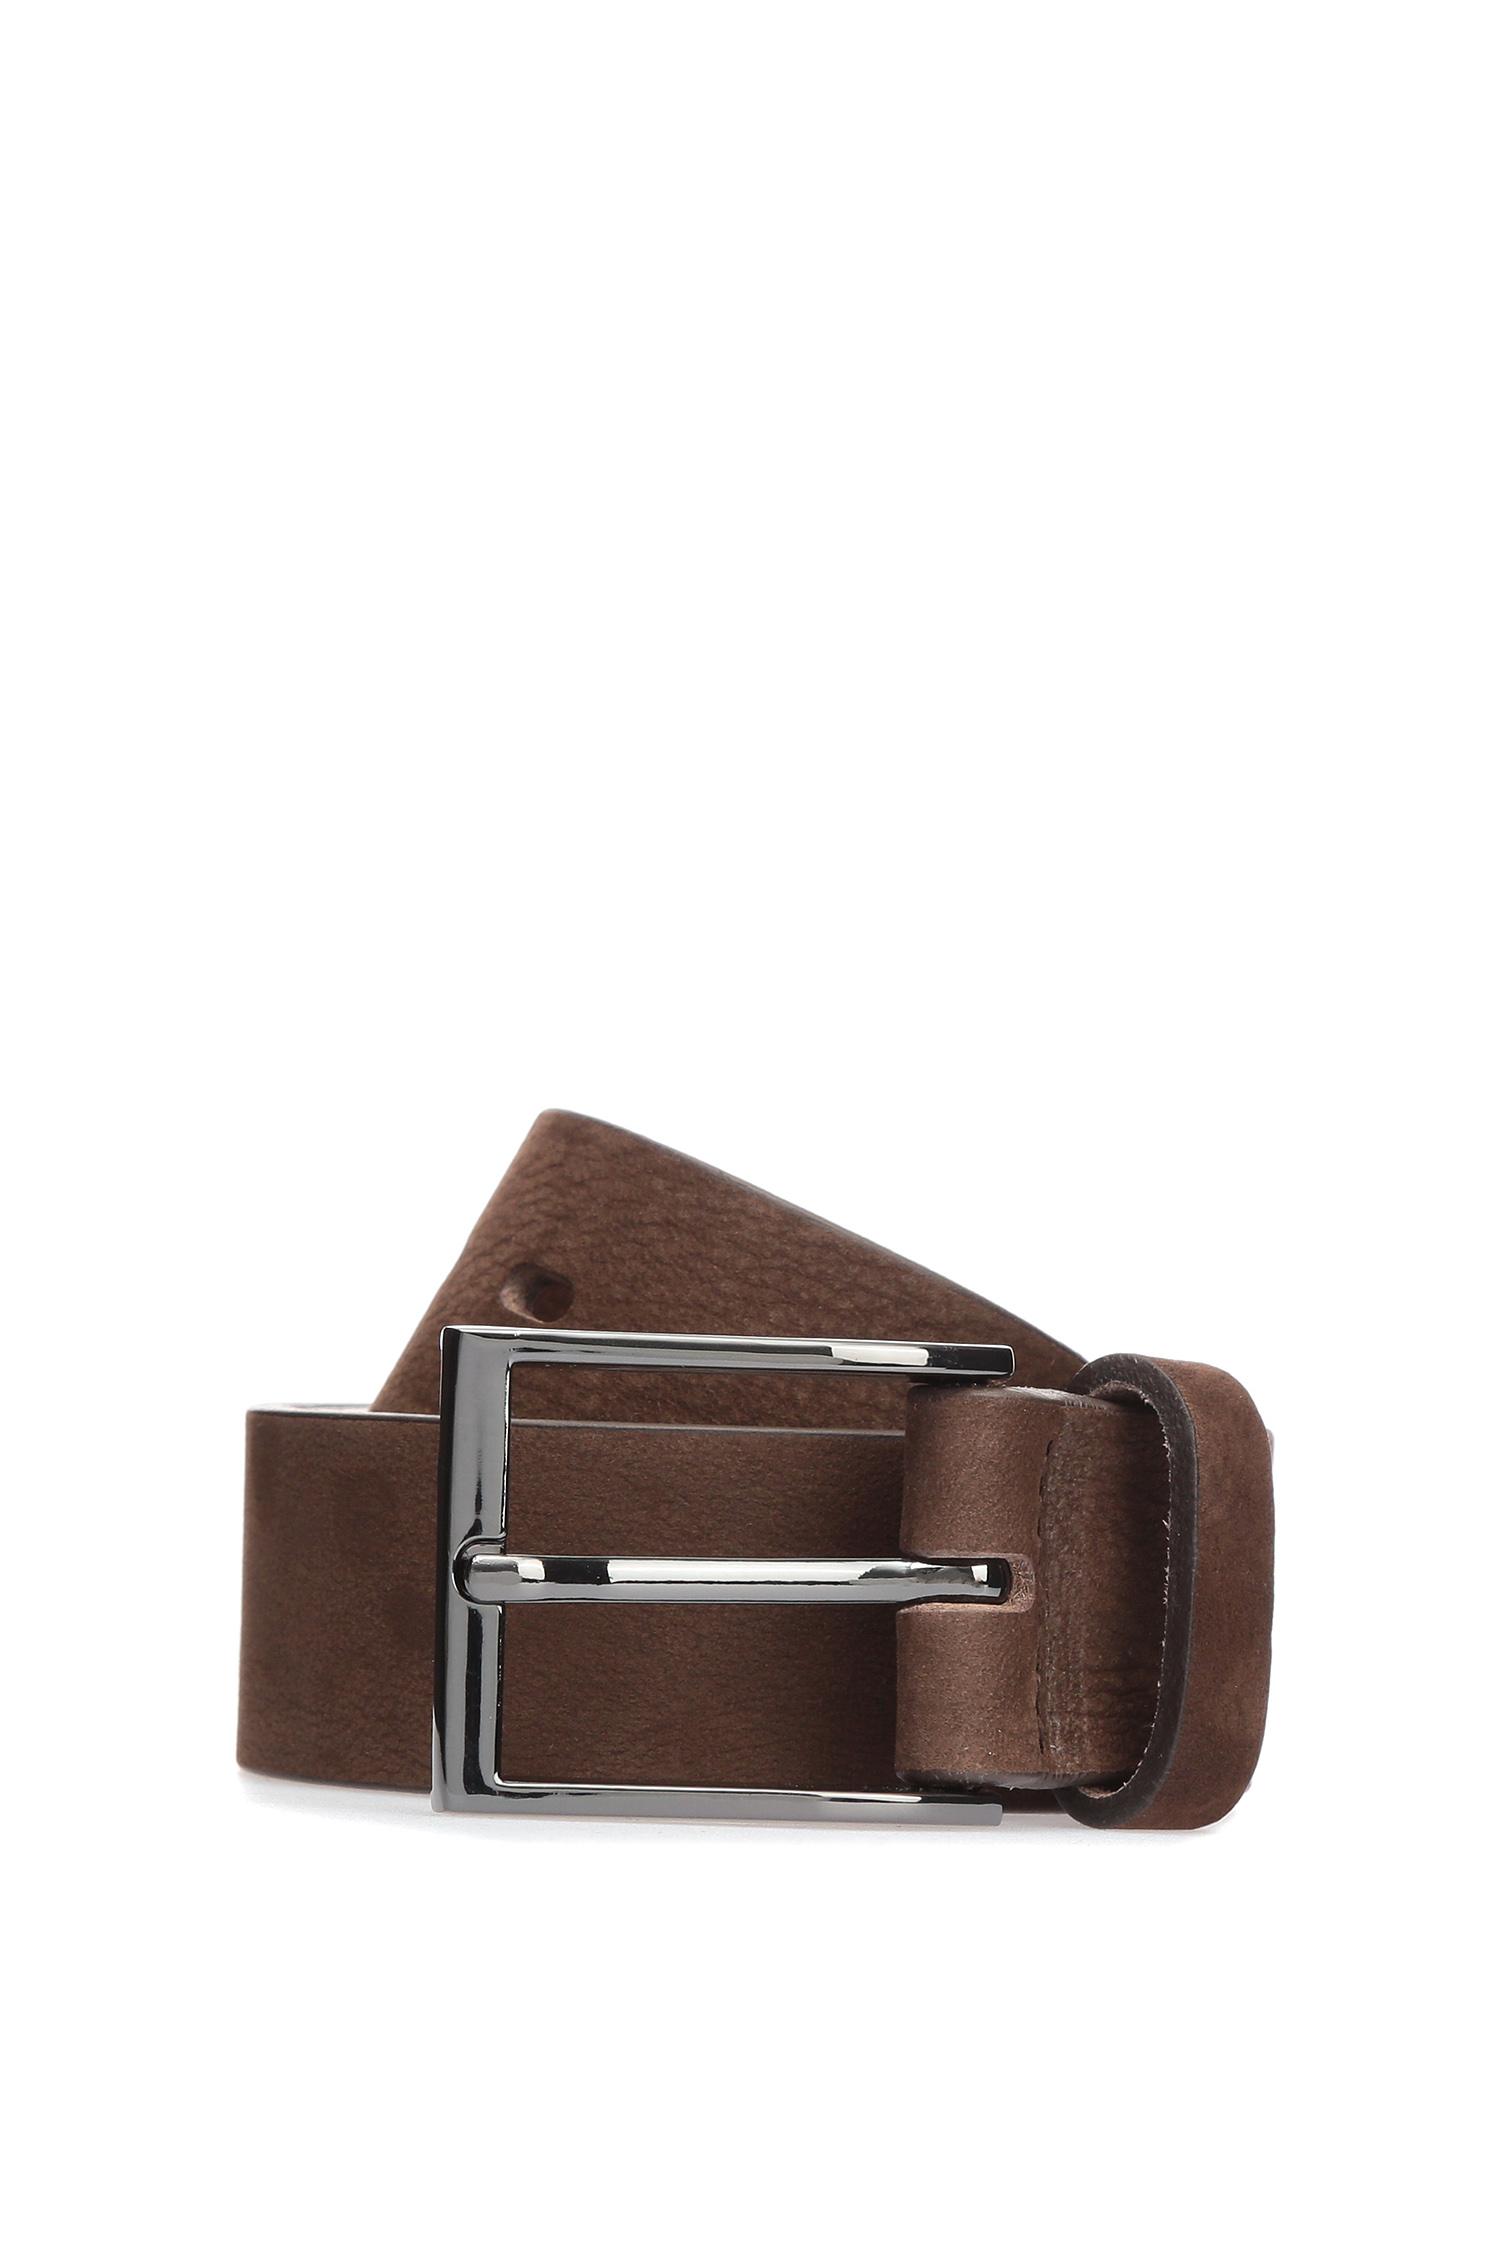 Мужской коричневый кожаный ремень Karl Lagerfeld 582431.815300;490